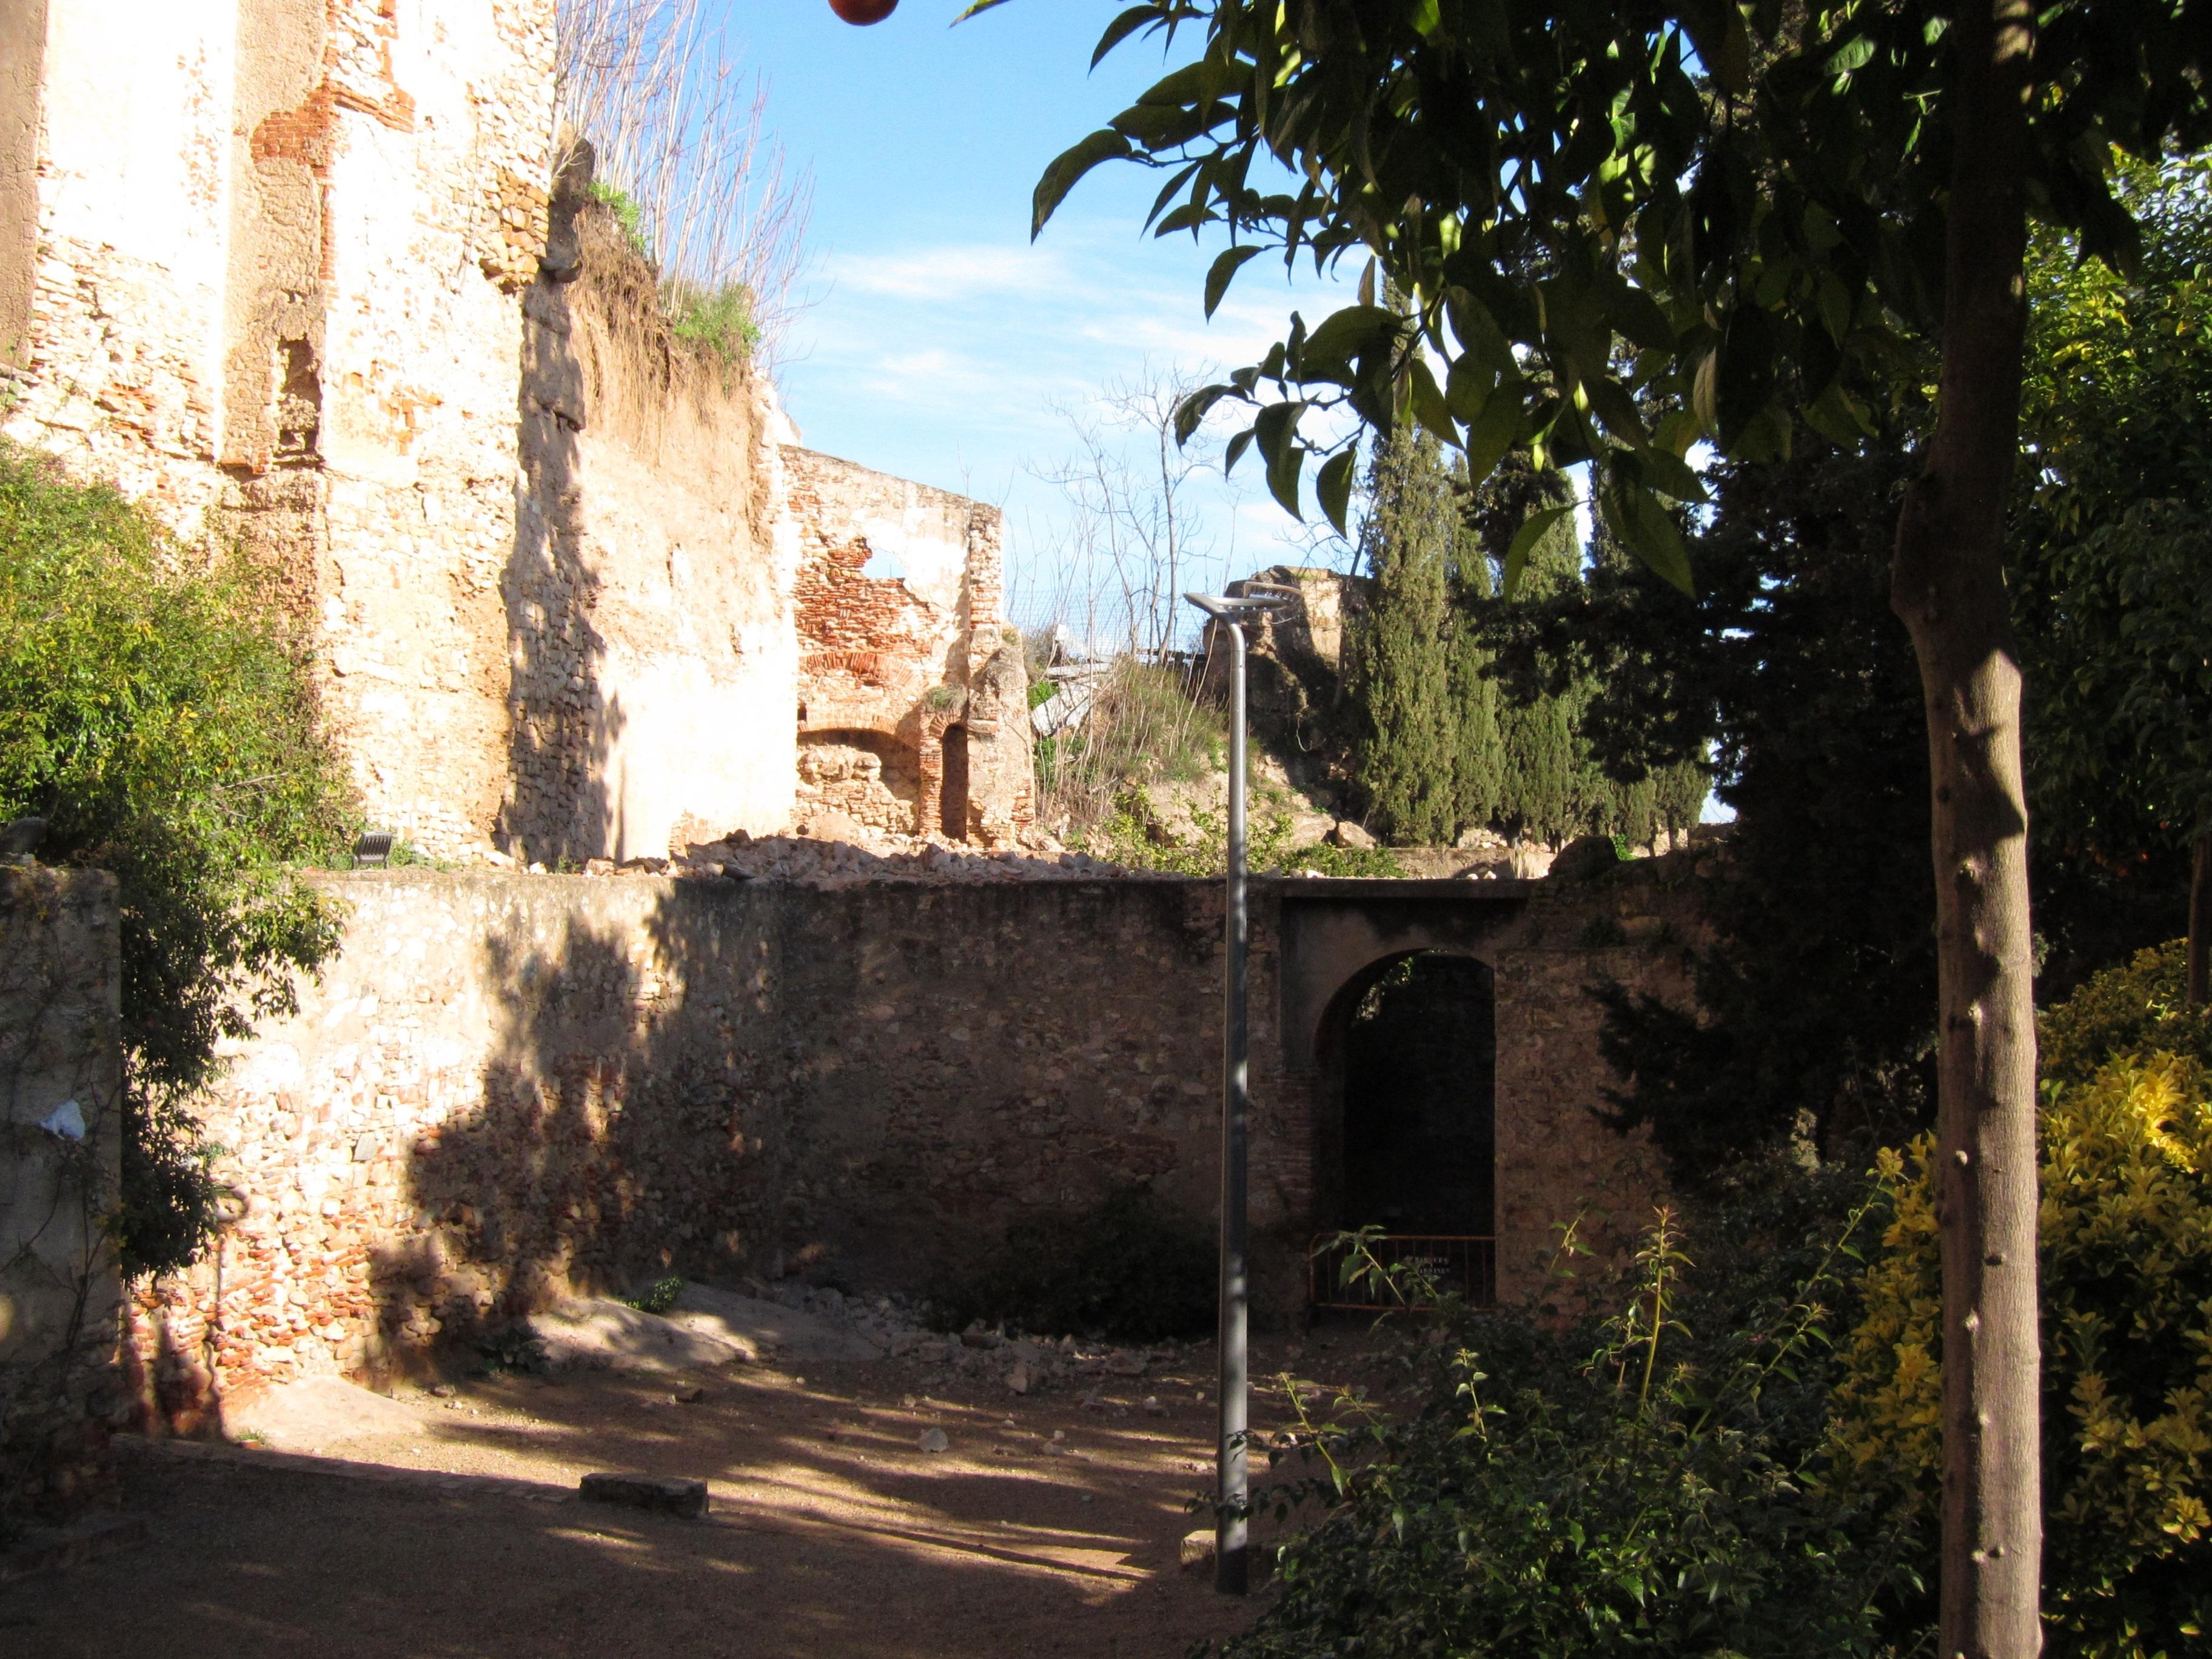 La muralla de Badajoz sufre un nuevo desprendimiento que acarrea el cierre temporal de los jardines de La Galera